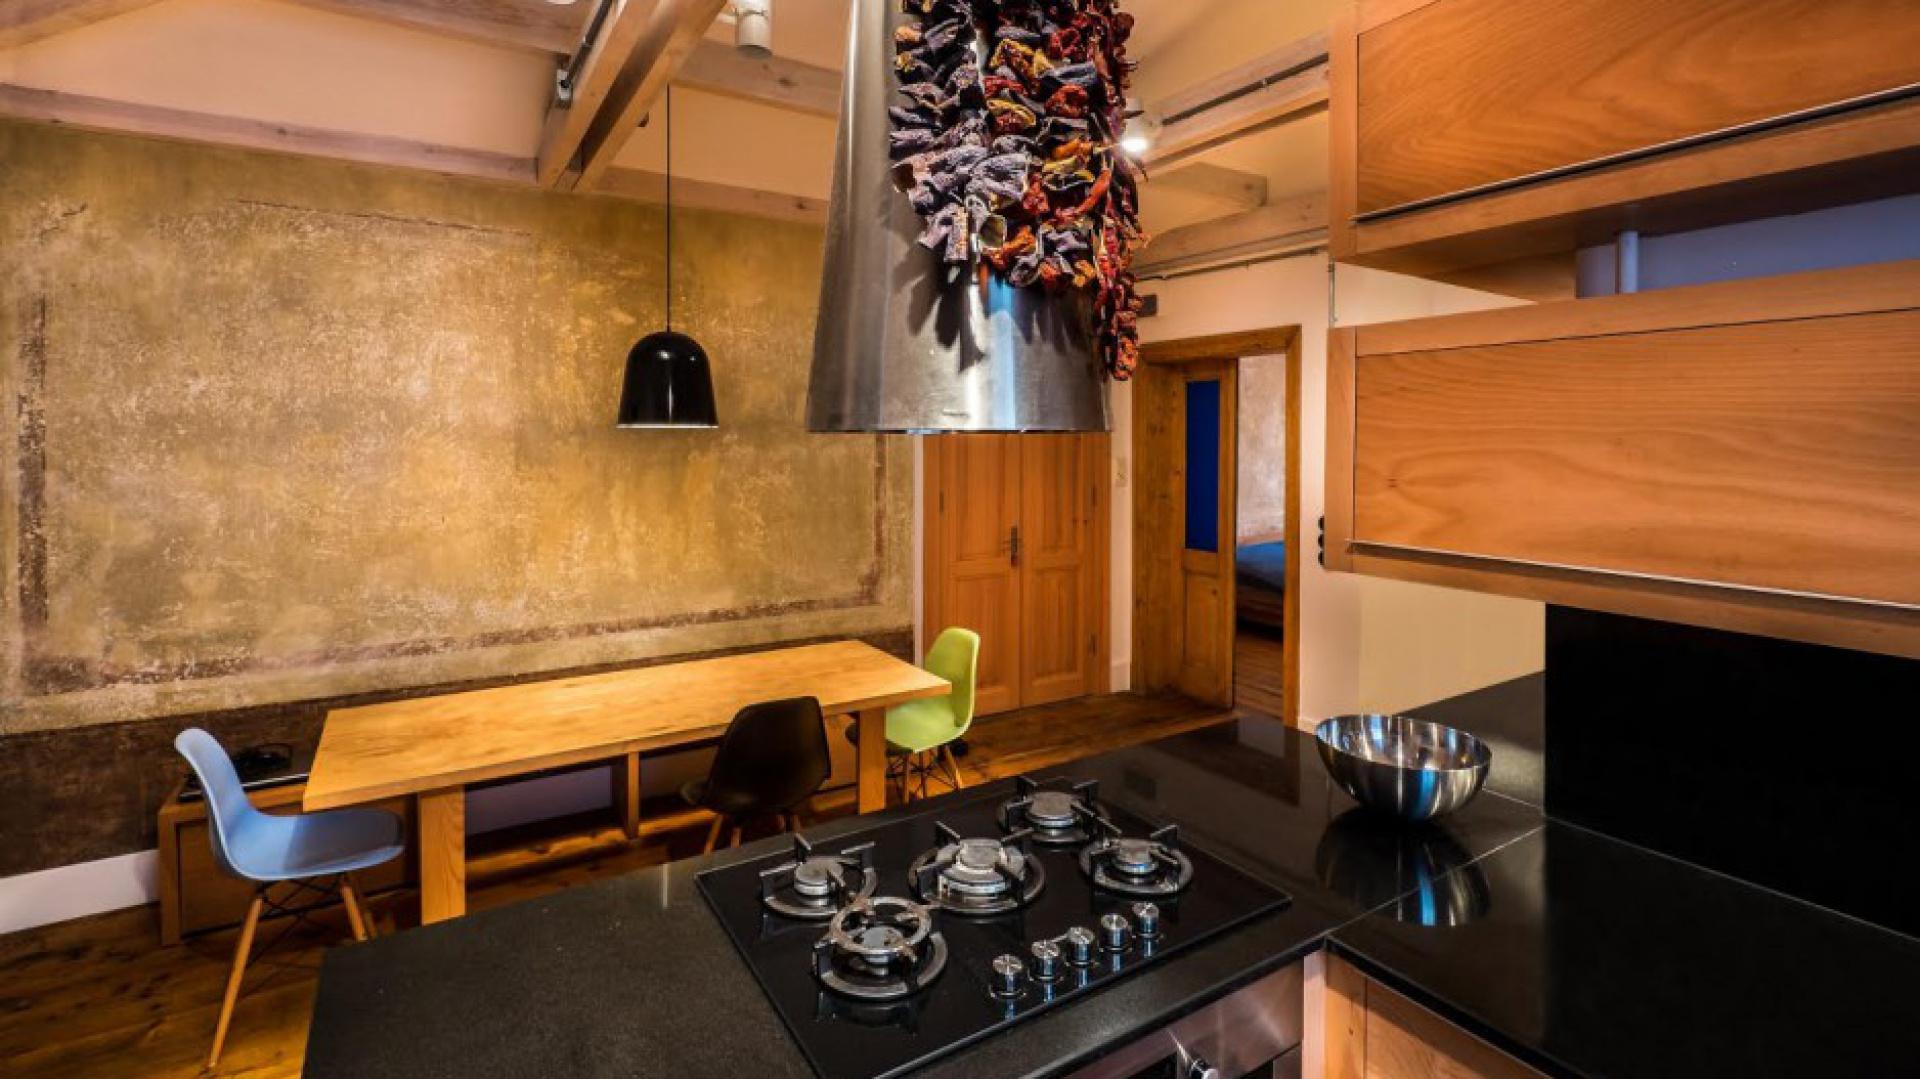 Centrum domu stanowi kuchnia, w której zlokalizowano również niewielki kącik jadalniany. Projekt: Atelye70. Fot. Emrah Aydemir.